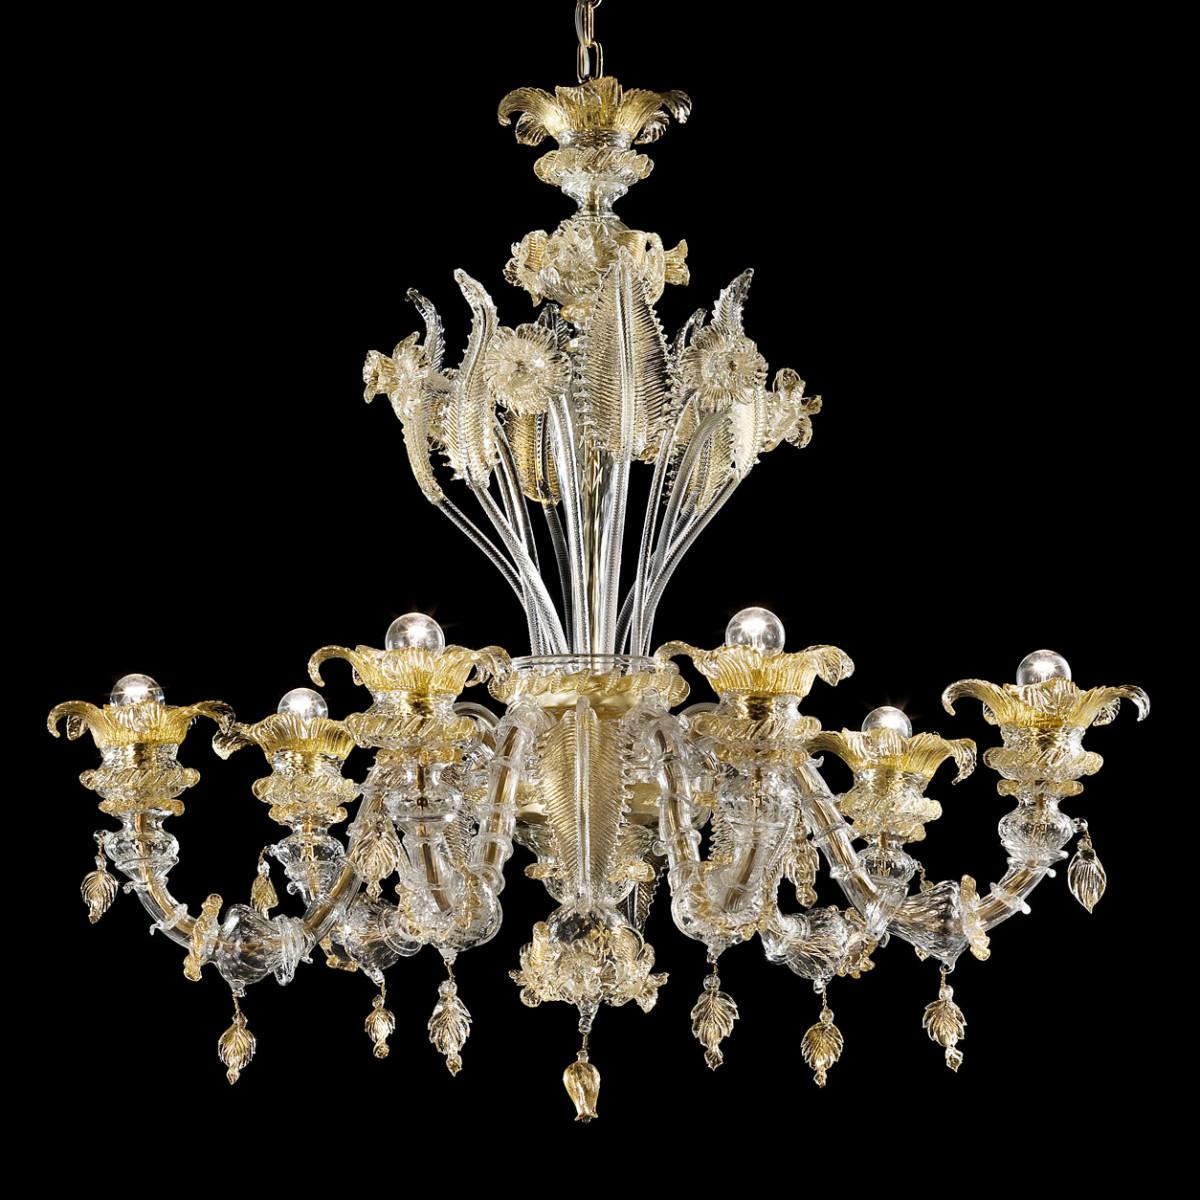 Prezioso araña de cristal de Murano 6 luces - color transparente oro